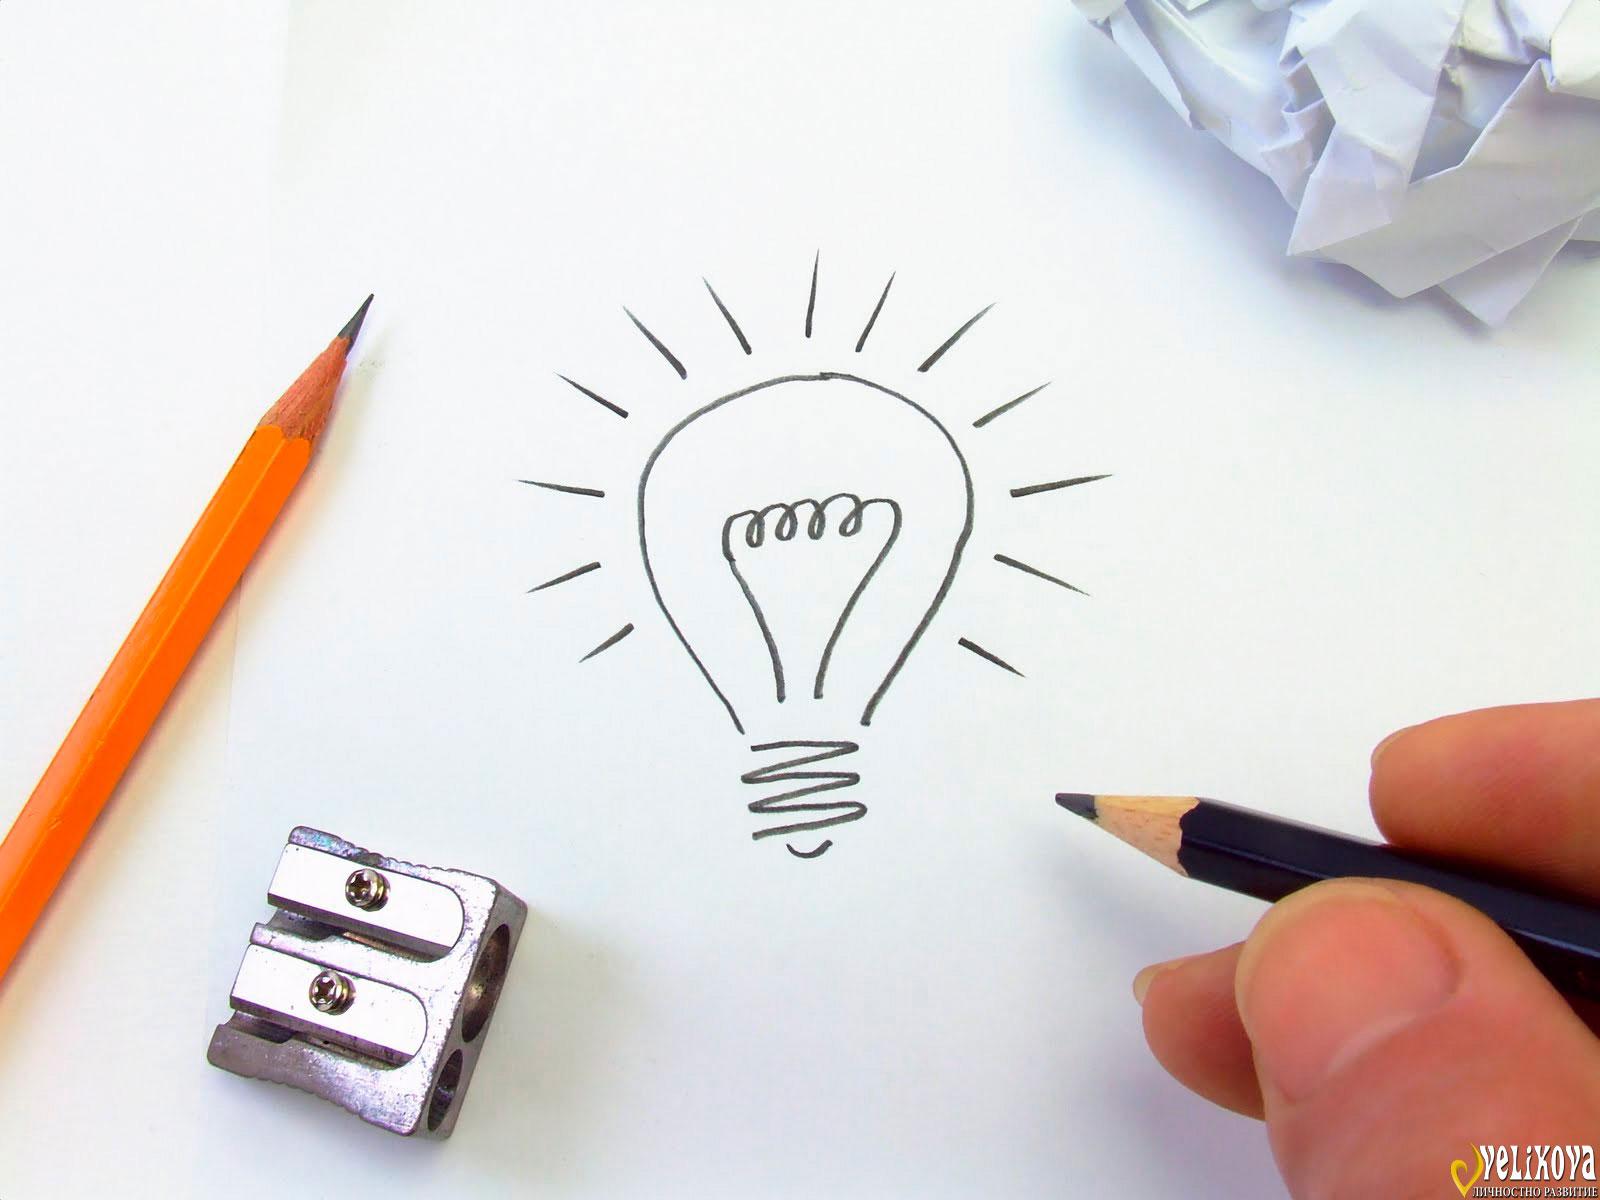 Имам идея! Ами сега, как да създам Бизнес! – част 1